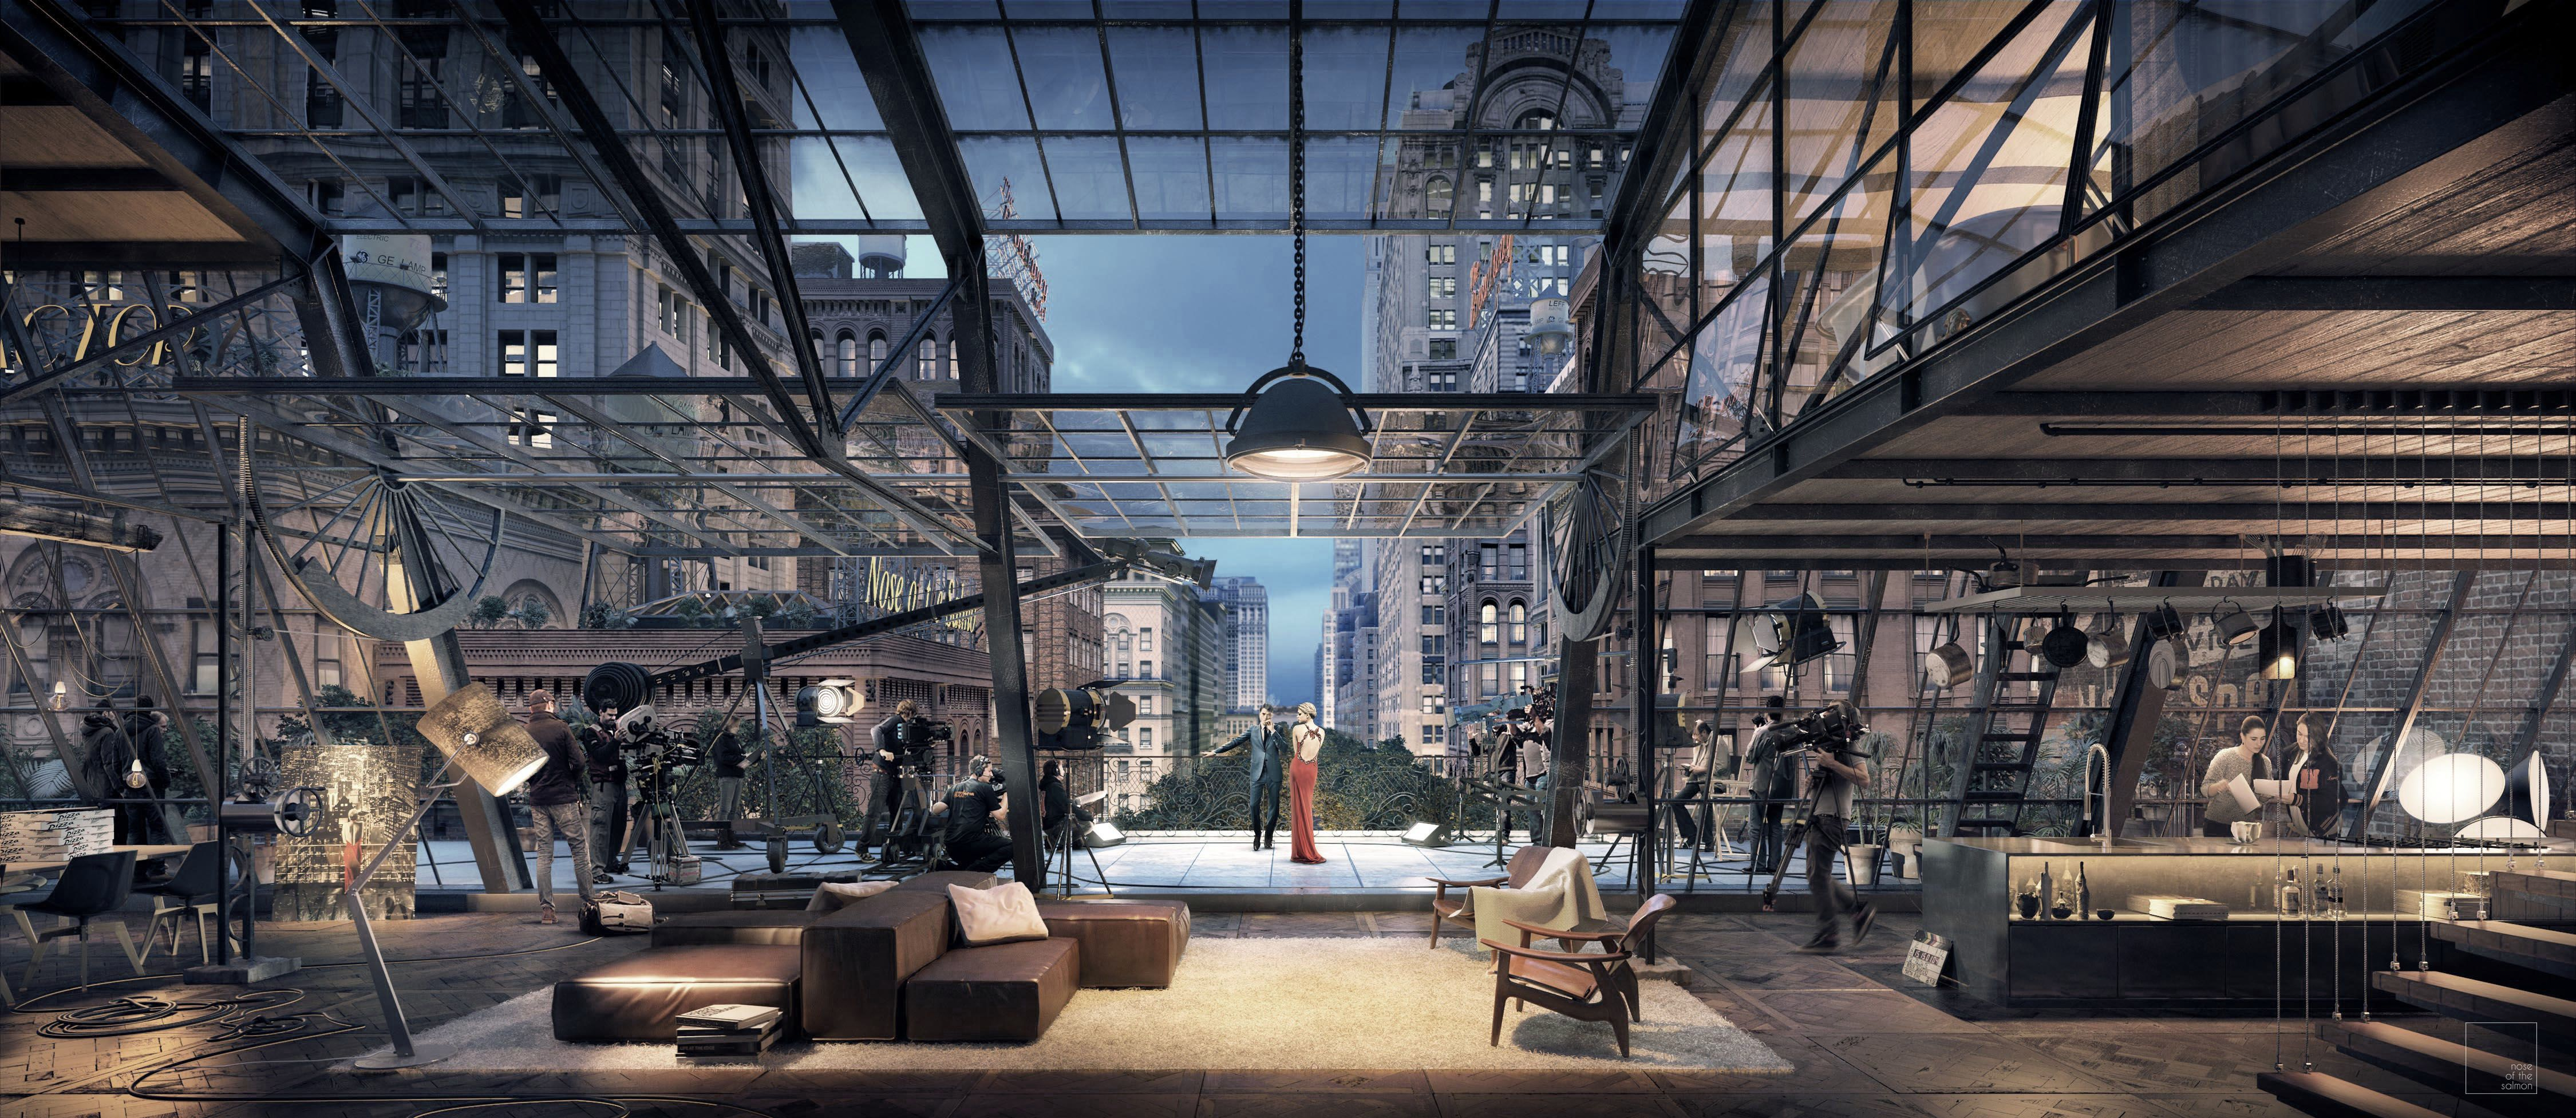 Digital artist 3d artist ny loft loft living space